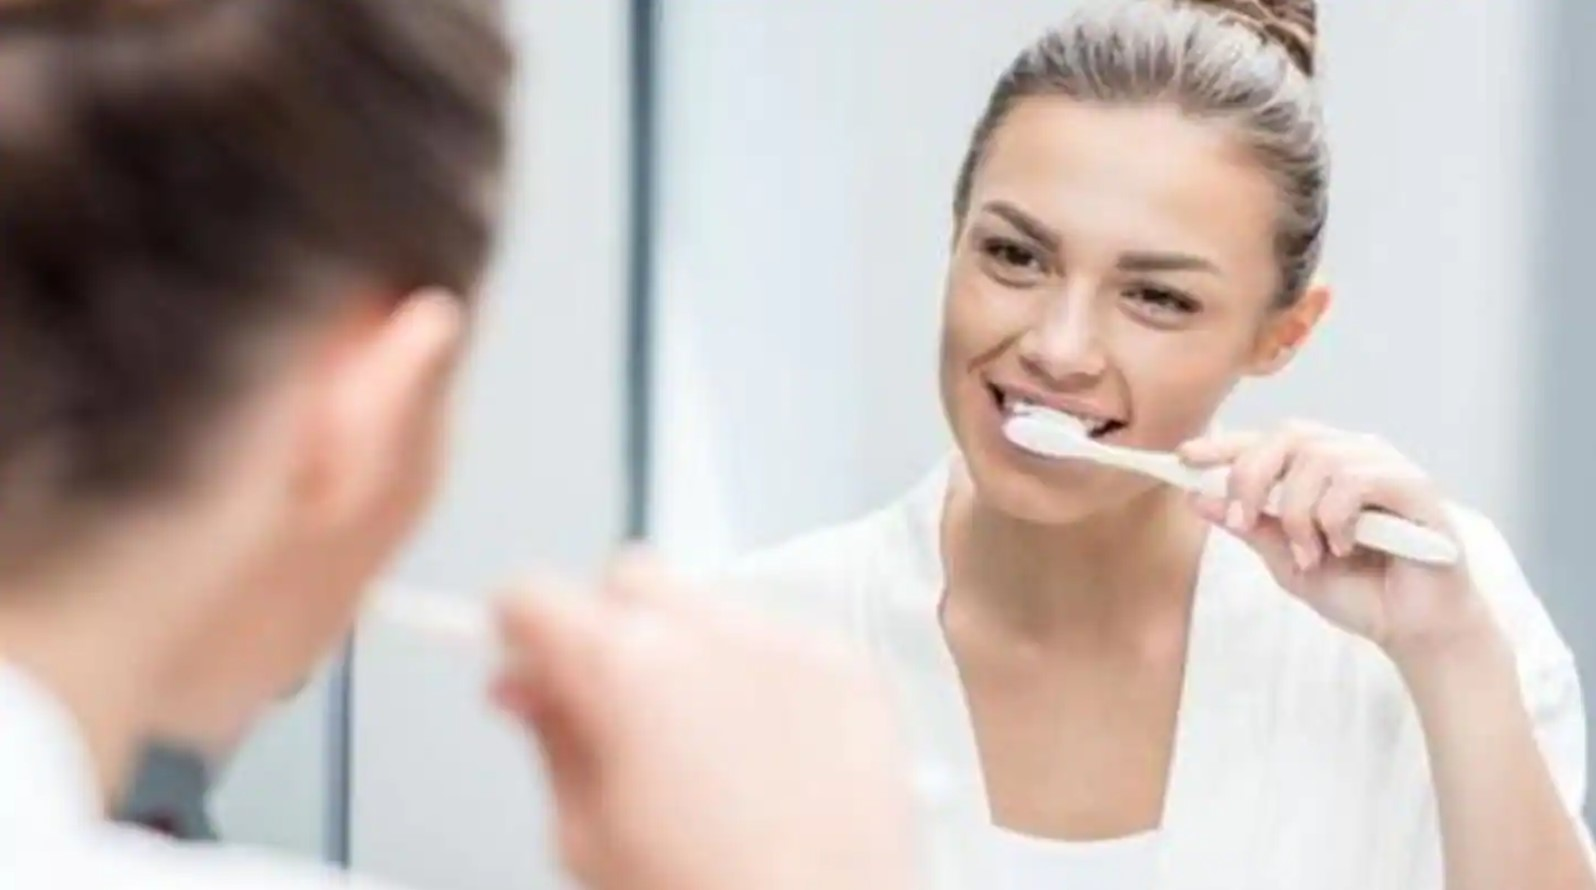 Sikat gigi Anda dengan baik & waktu yang tepat